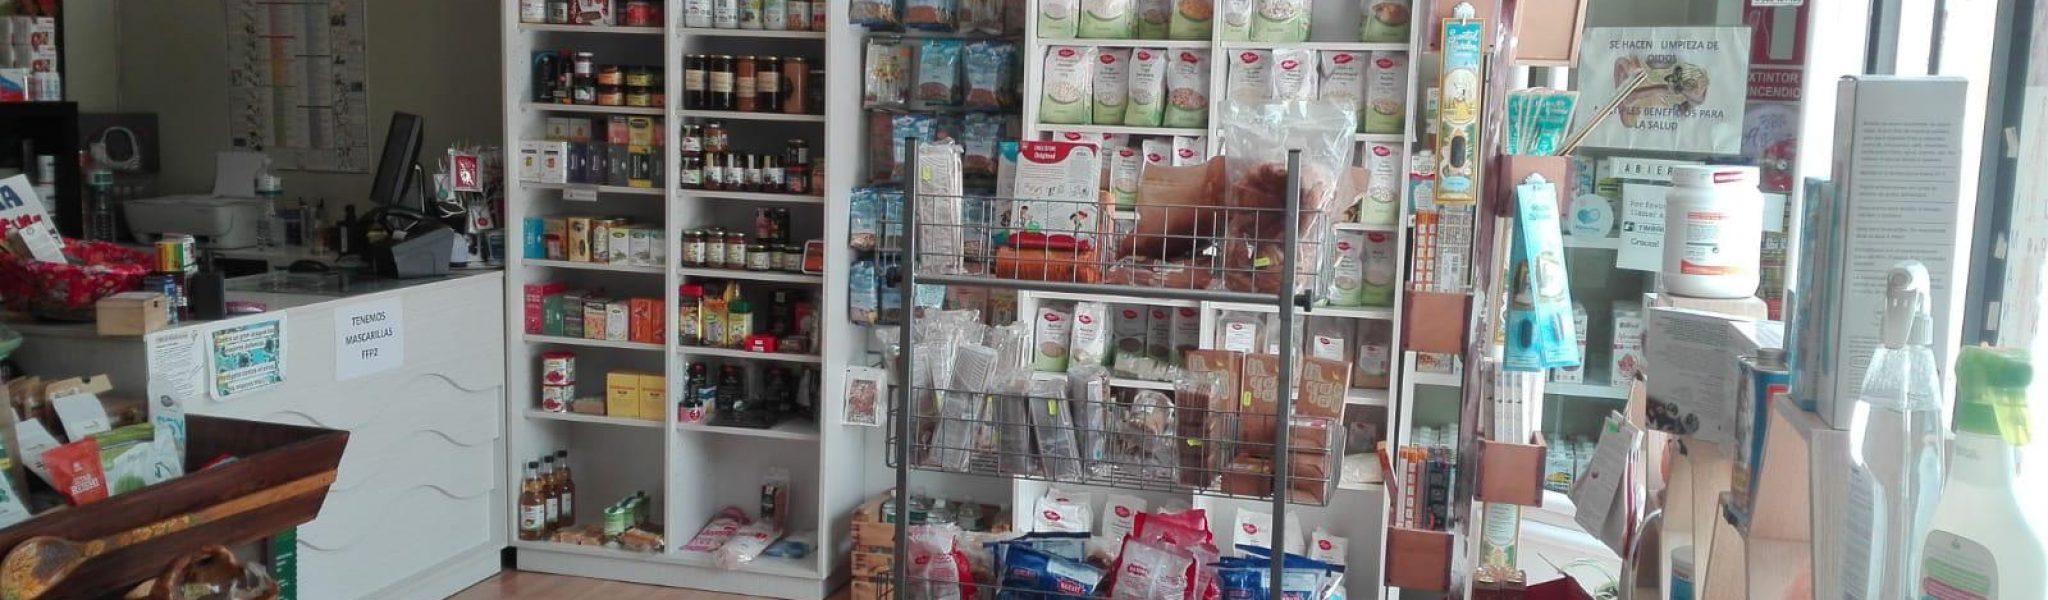 Mudanza de tienda en Madrid